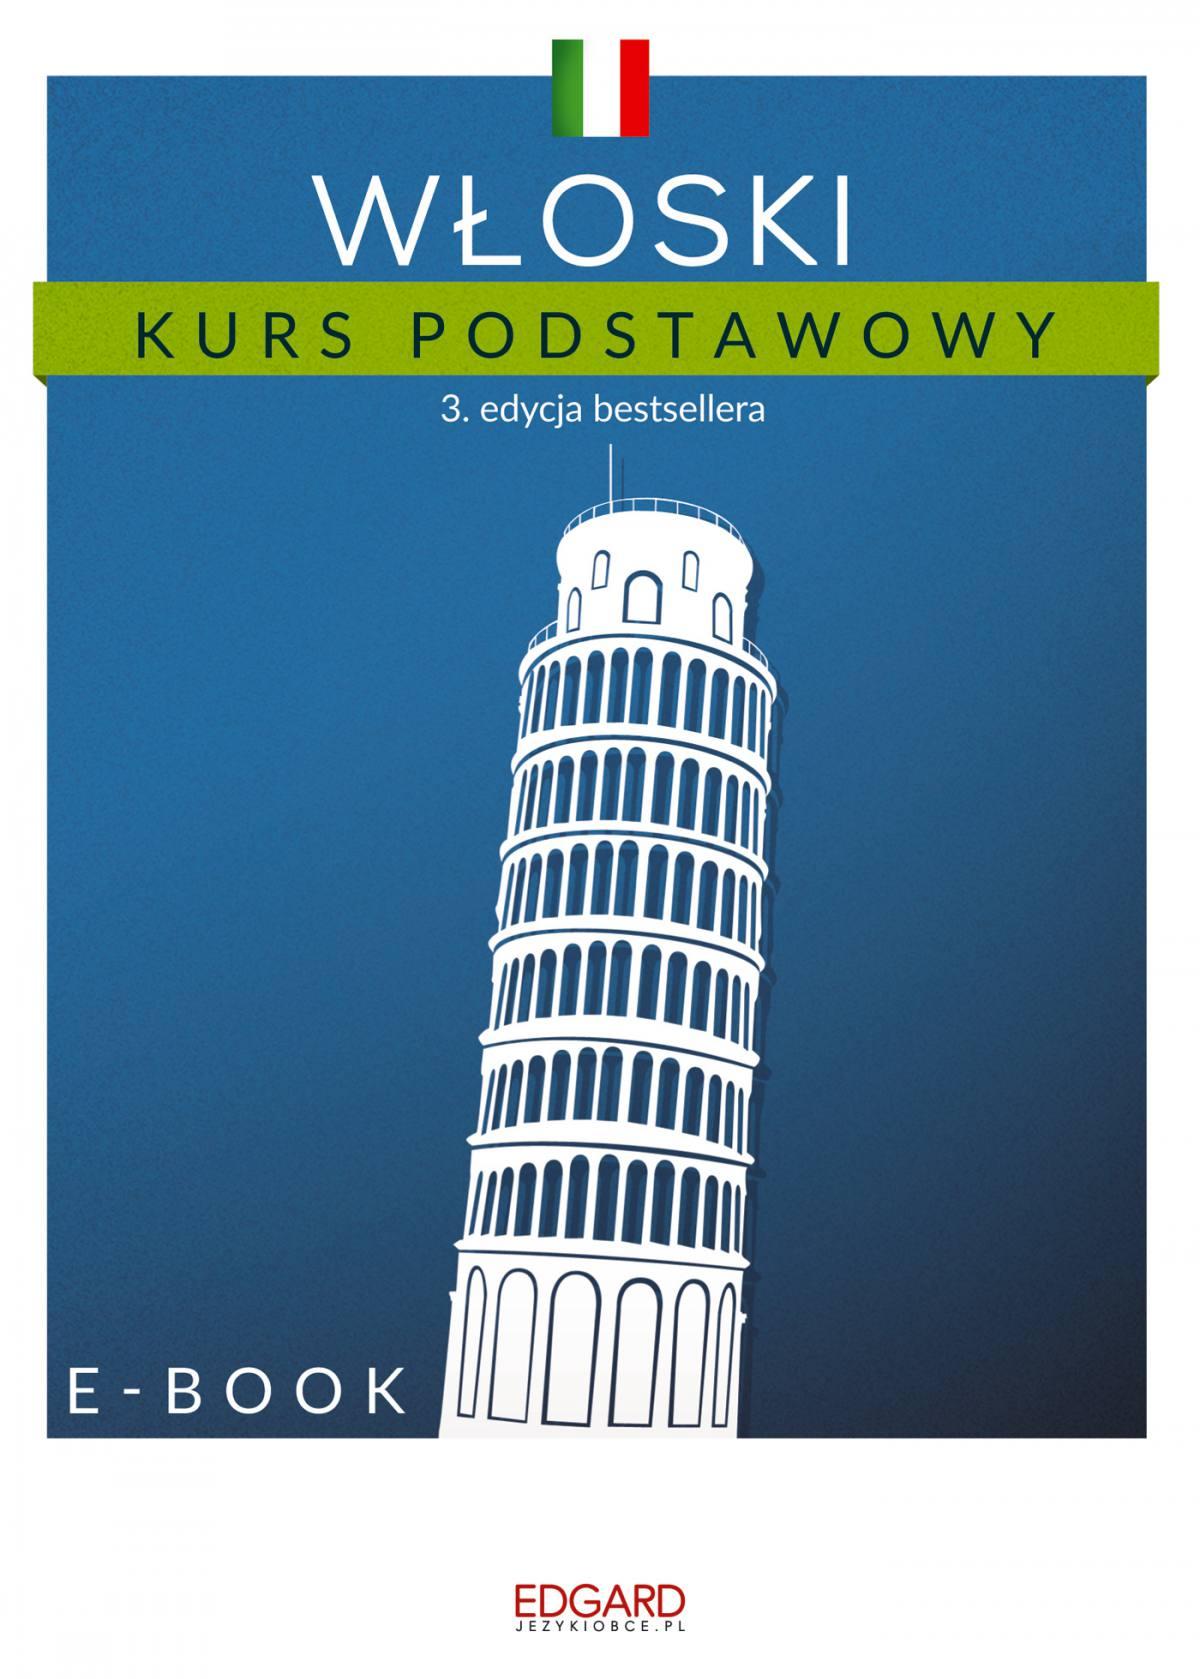 Włoski Kurs podstawowy. Edycja 3 - Ebook (Książka na Kindle) do pobrania w formacie MOBI